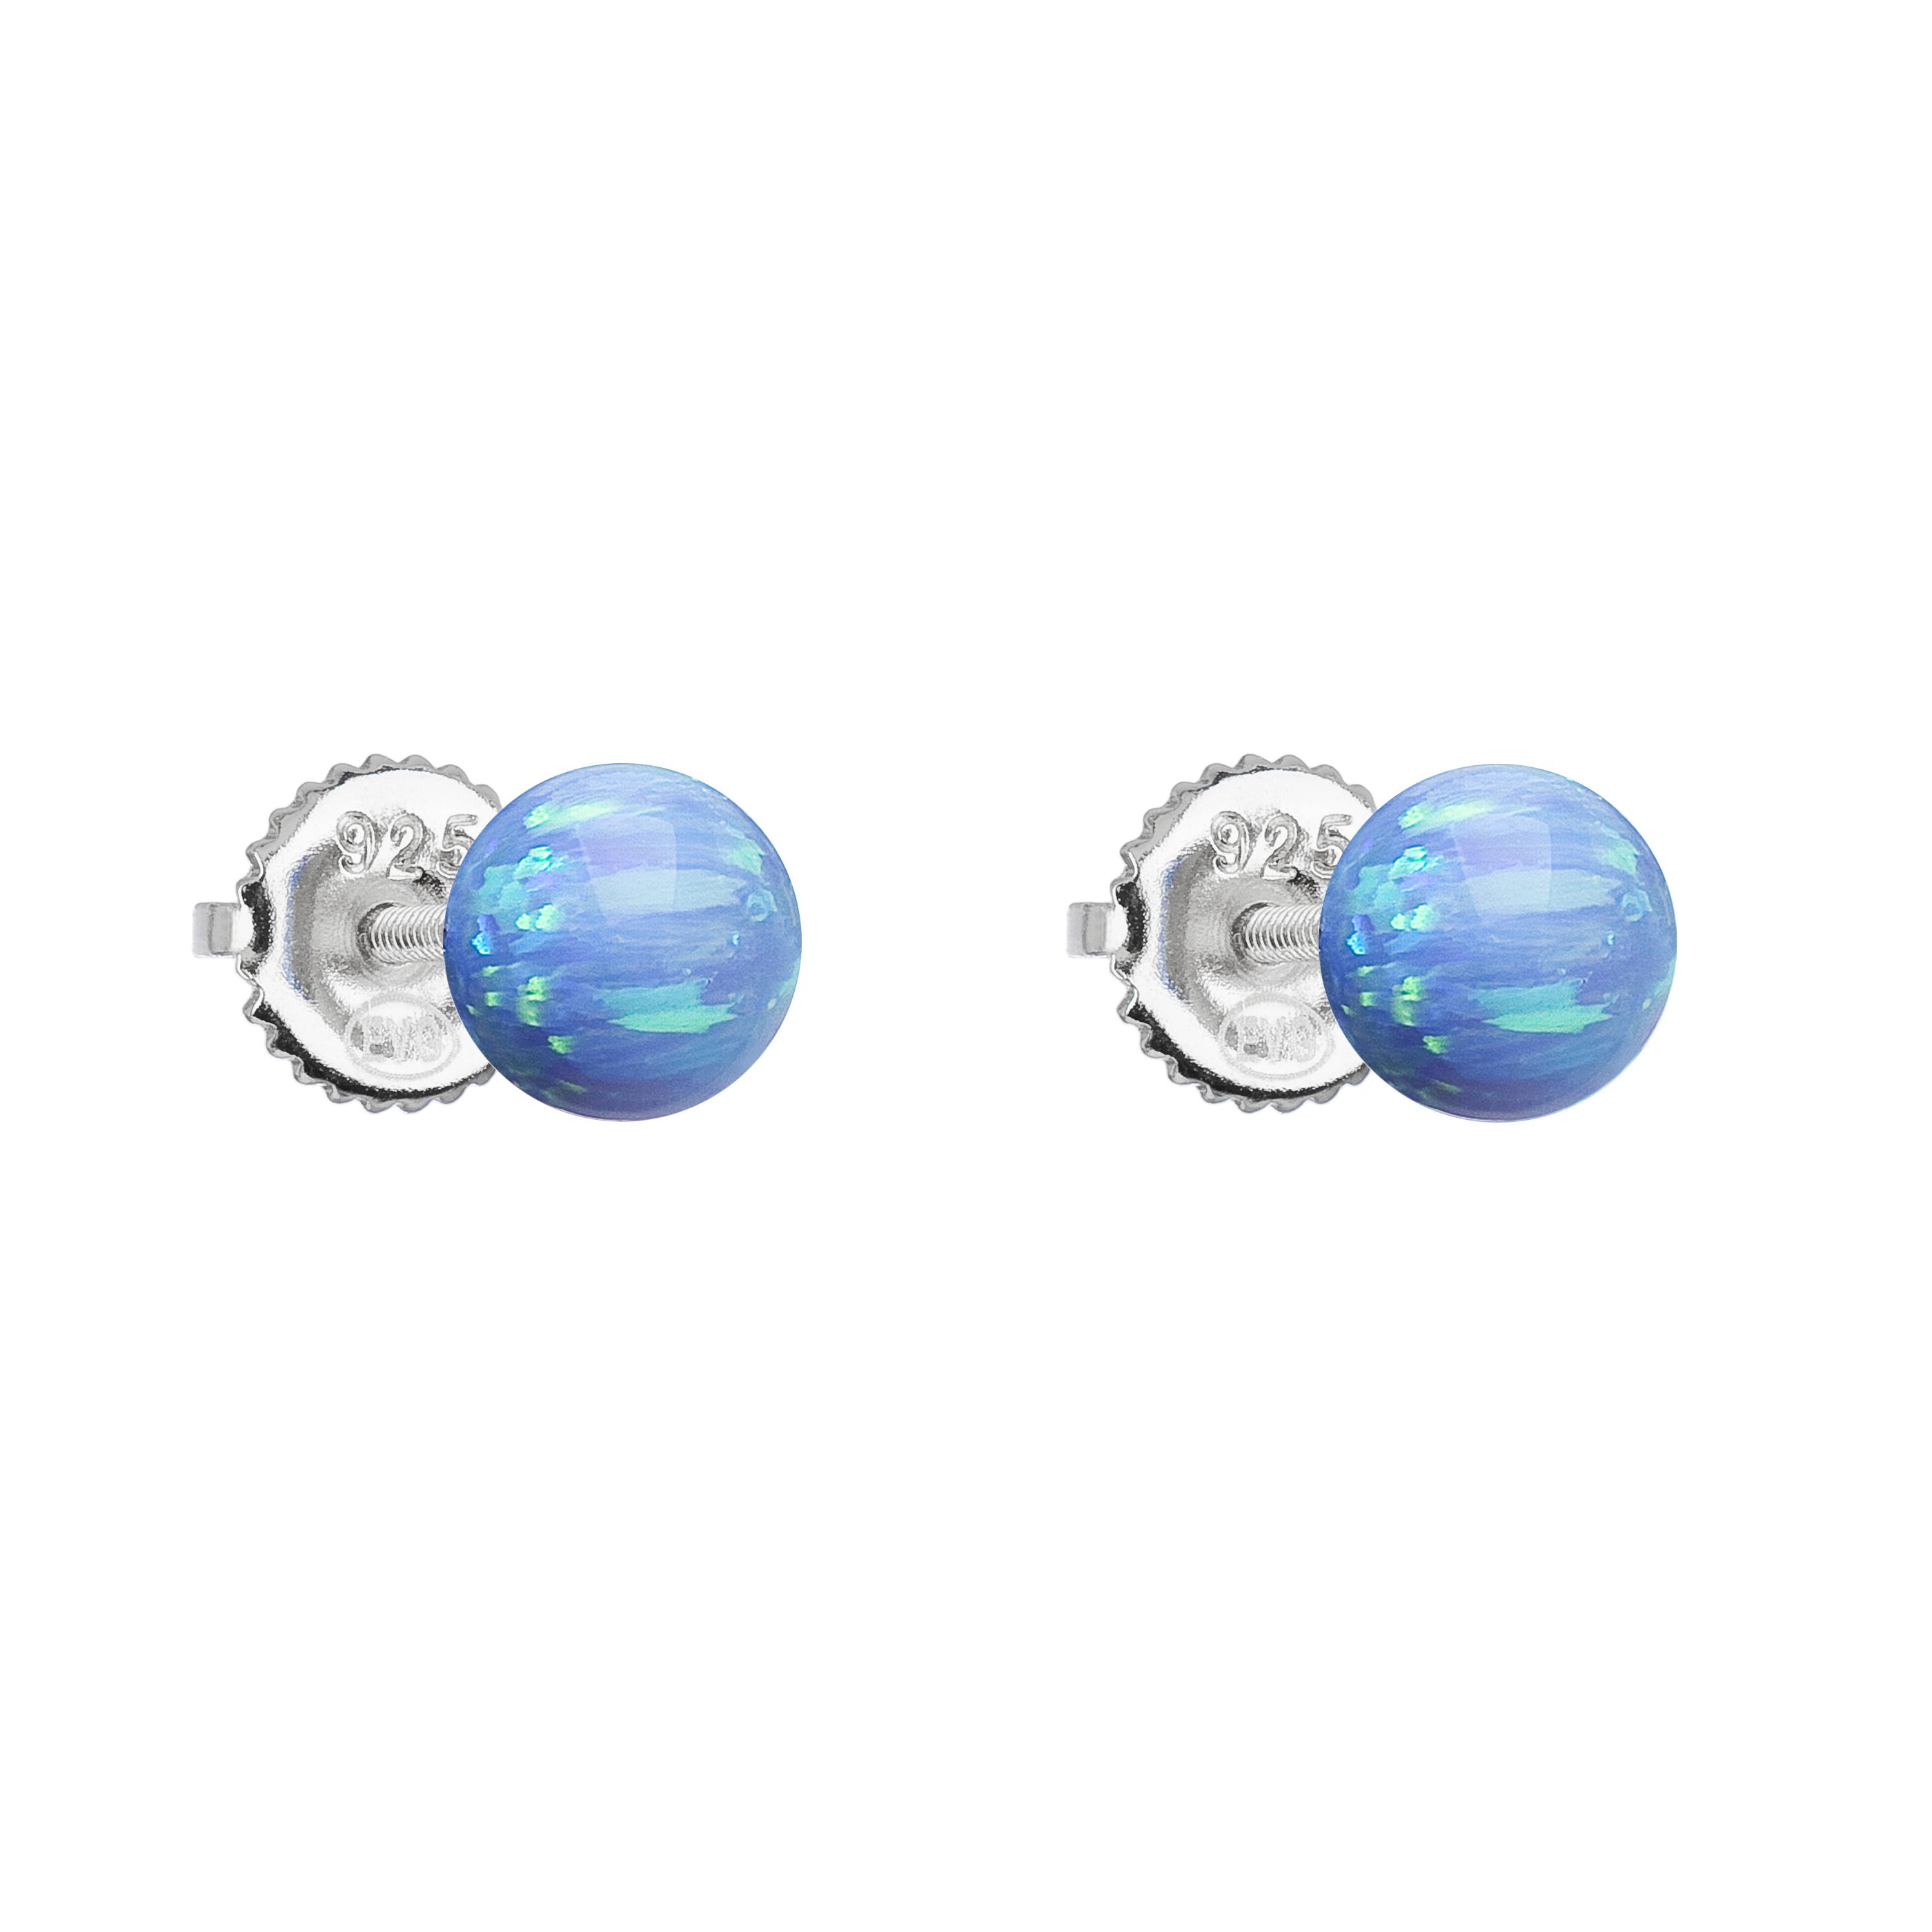 Evolution Group Stříbrné náušnice pecky se syntetickým opálem světle modré kulaté 11246.3 lt.blue